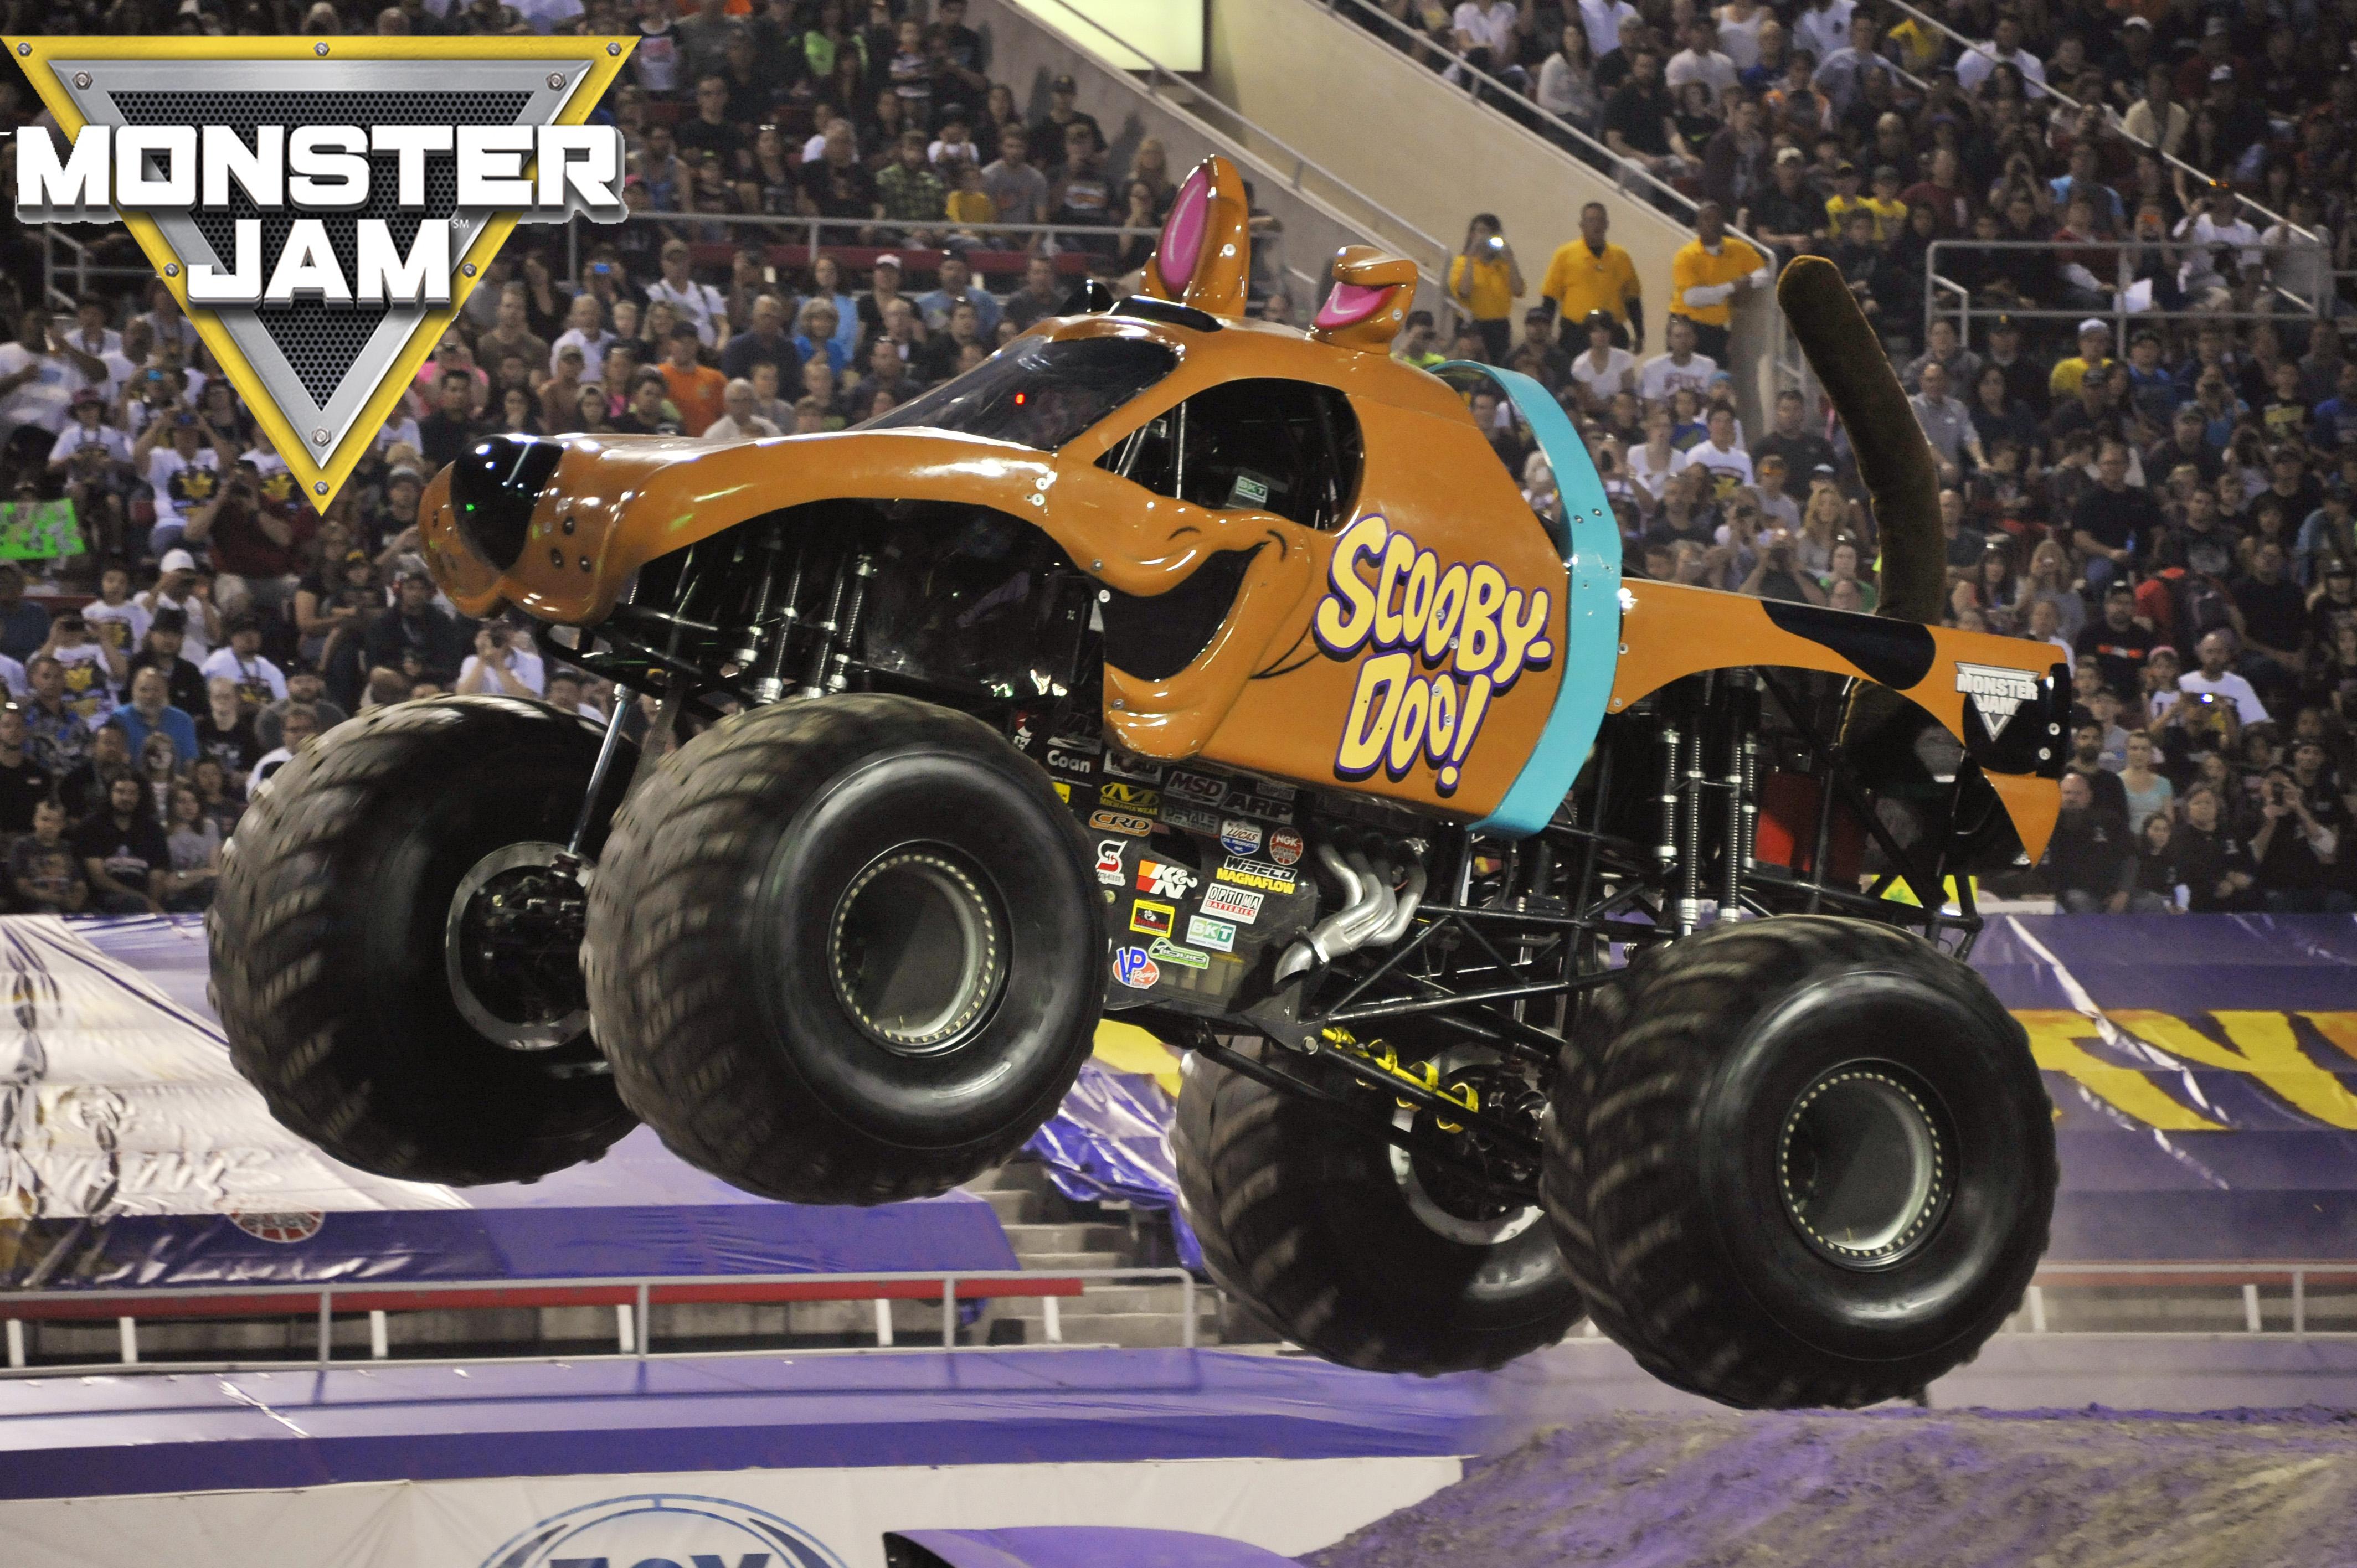 Monster truck photo